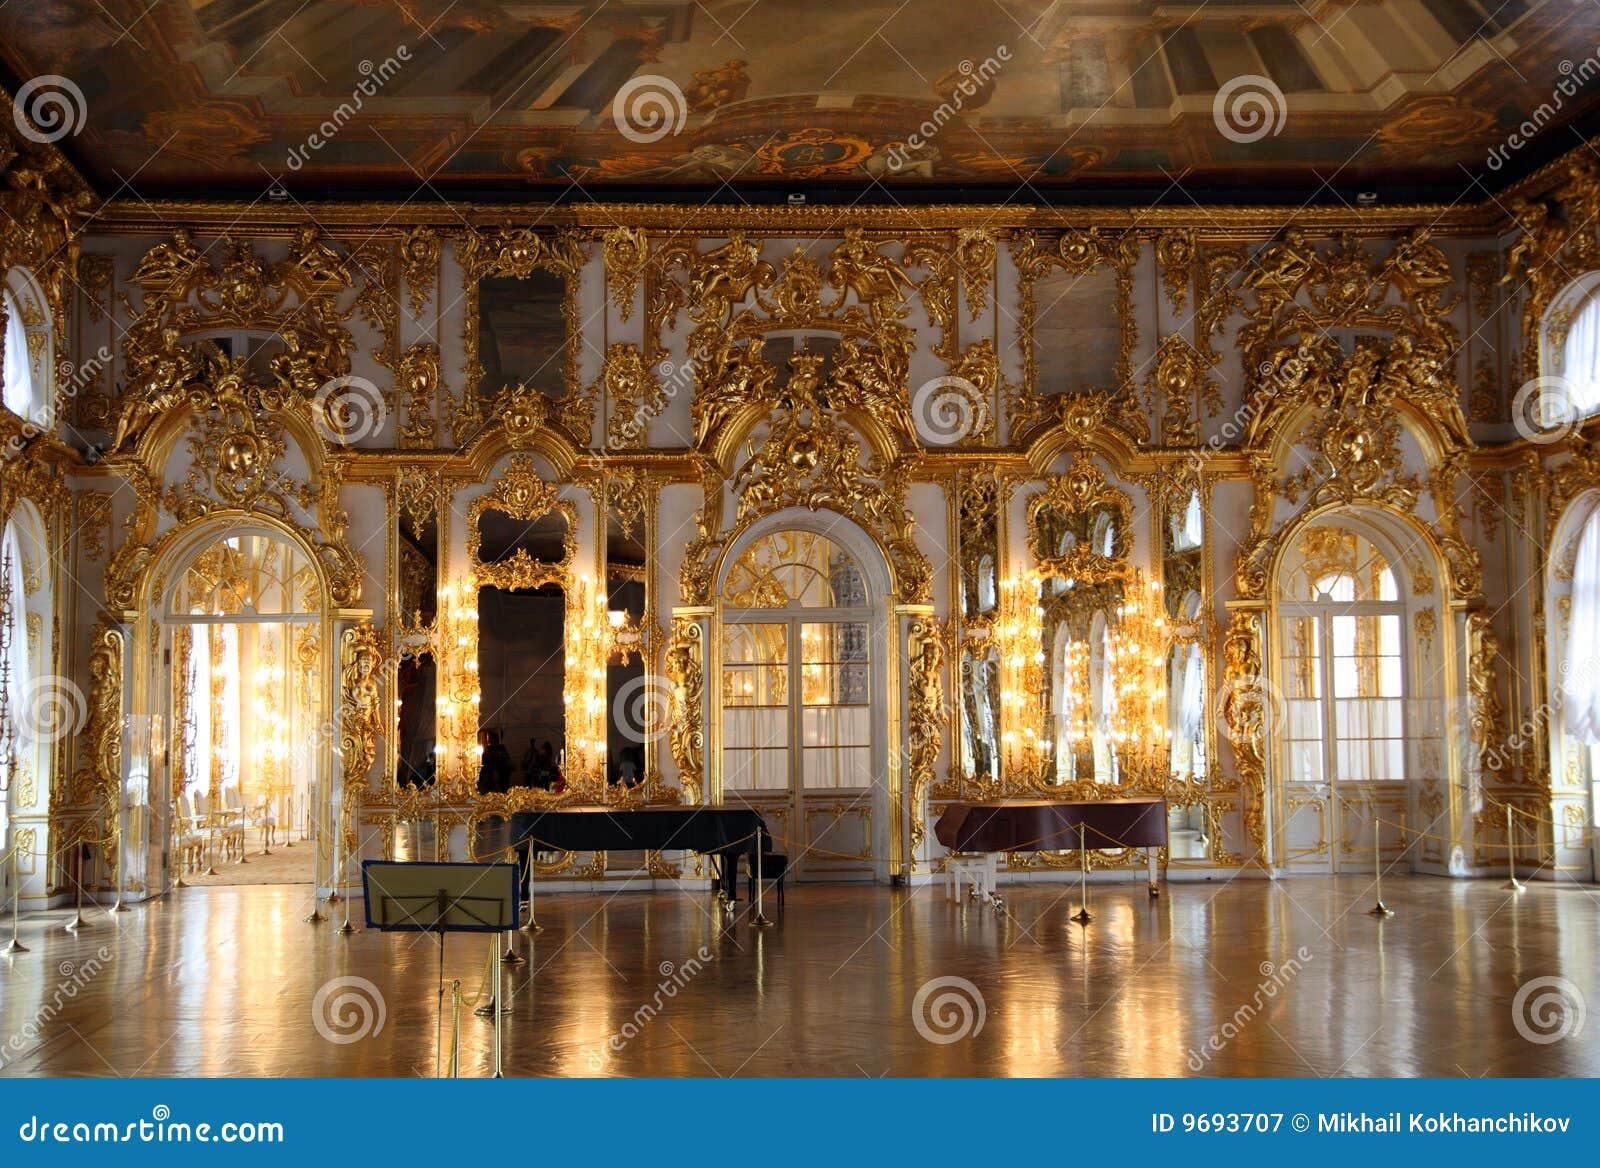 大厅内部宫殿彼得斯堡pushkin俄国圣徒.图片